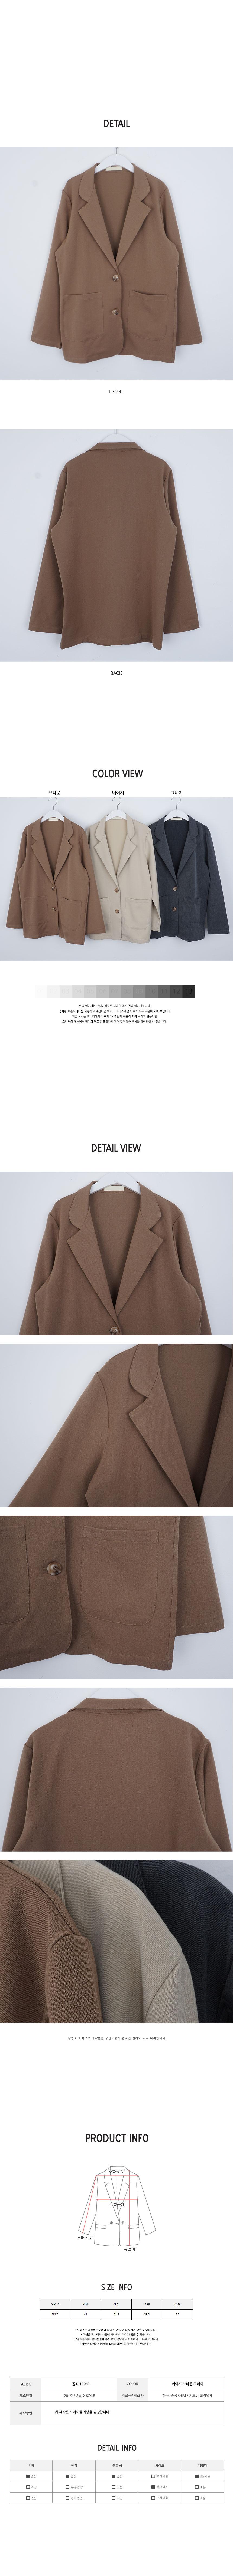 Base single jacket